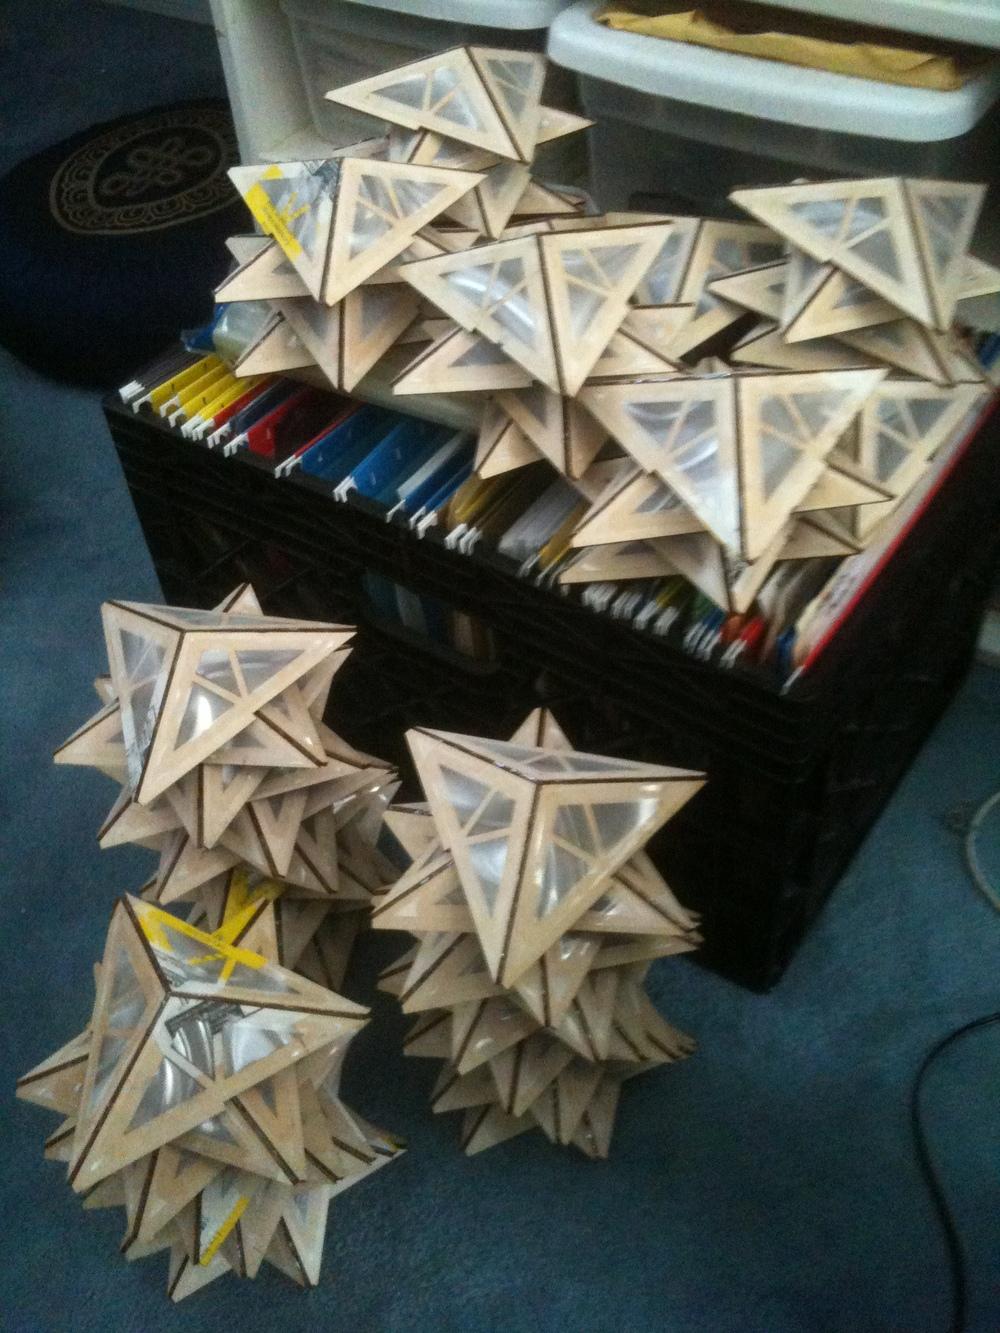 2.assembledprisms.JHauk.JPG